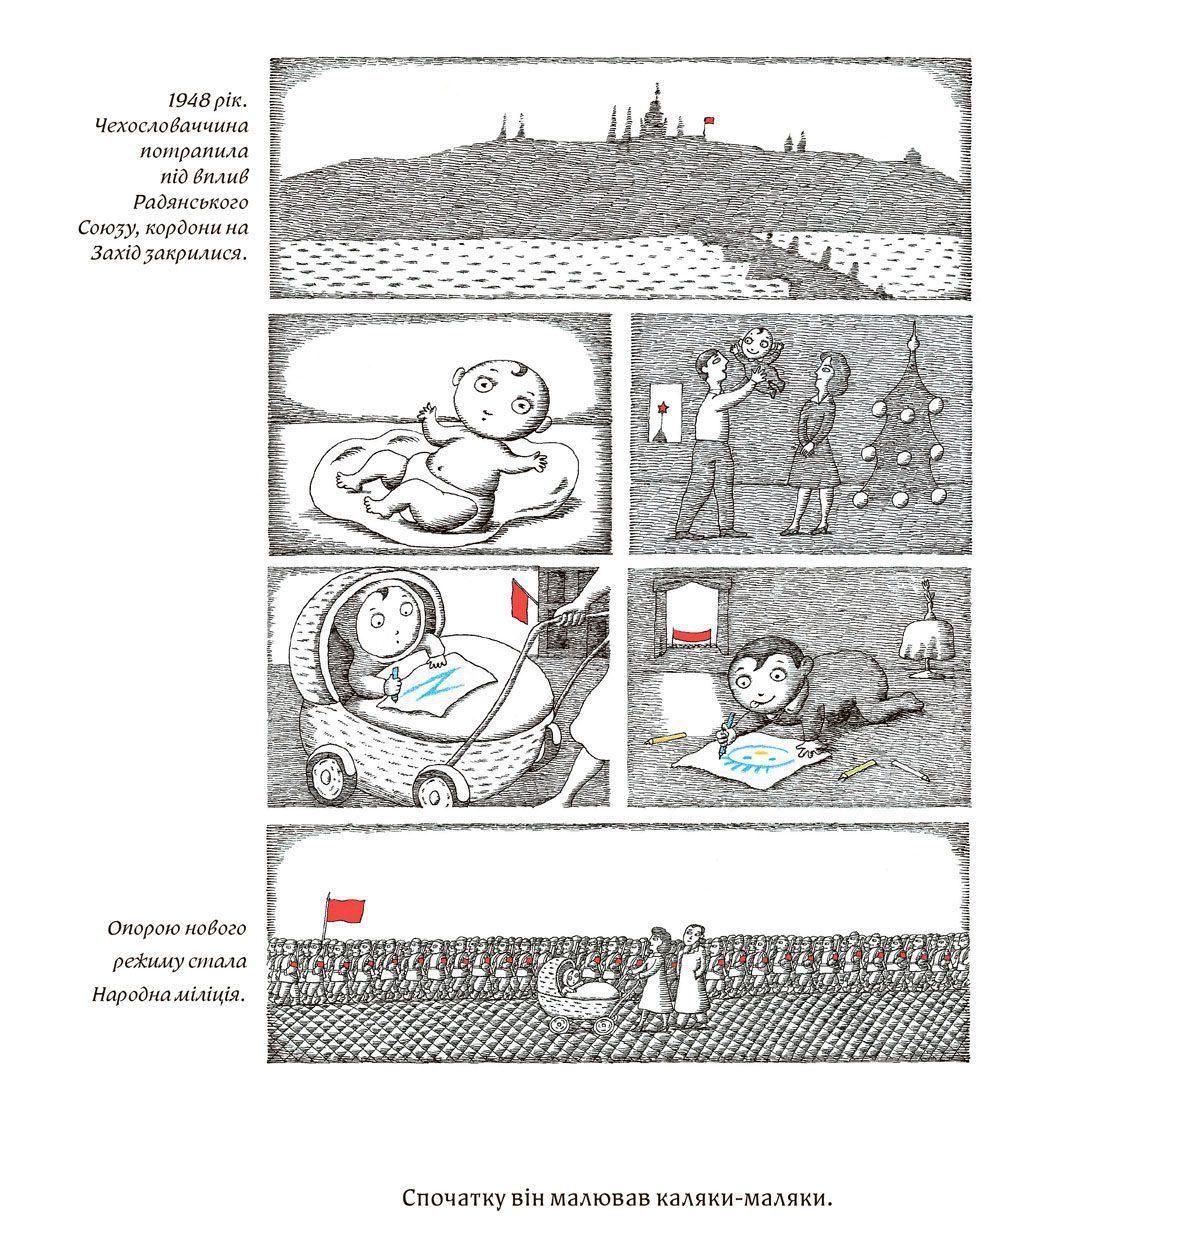 Stina BOOK 10 - «Це був час промивки мізків». Уривок із графічної новели «Стіна» - Заборона